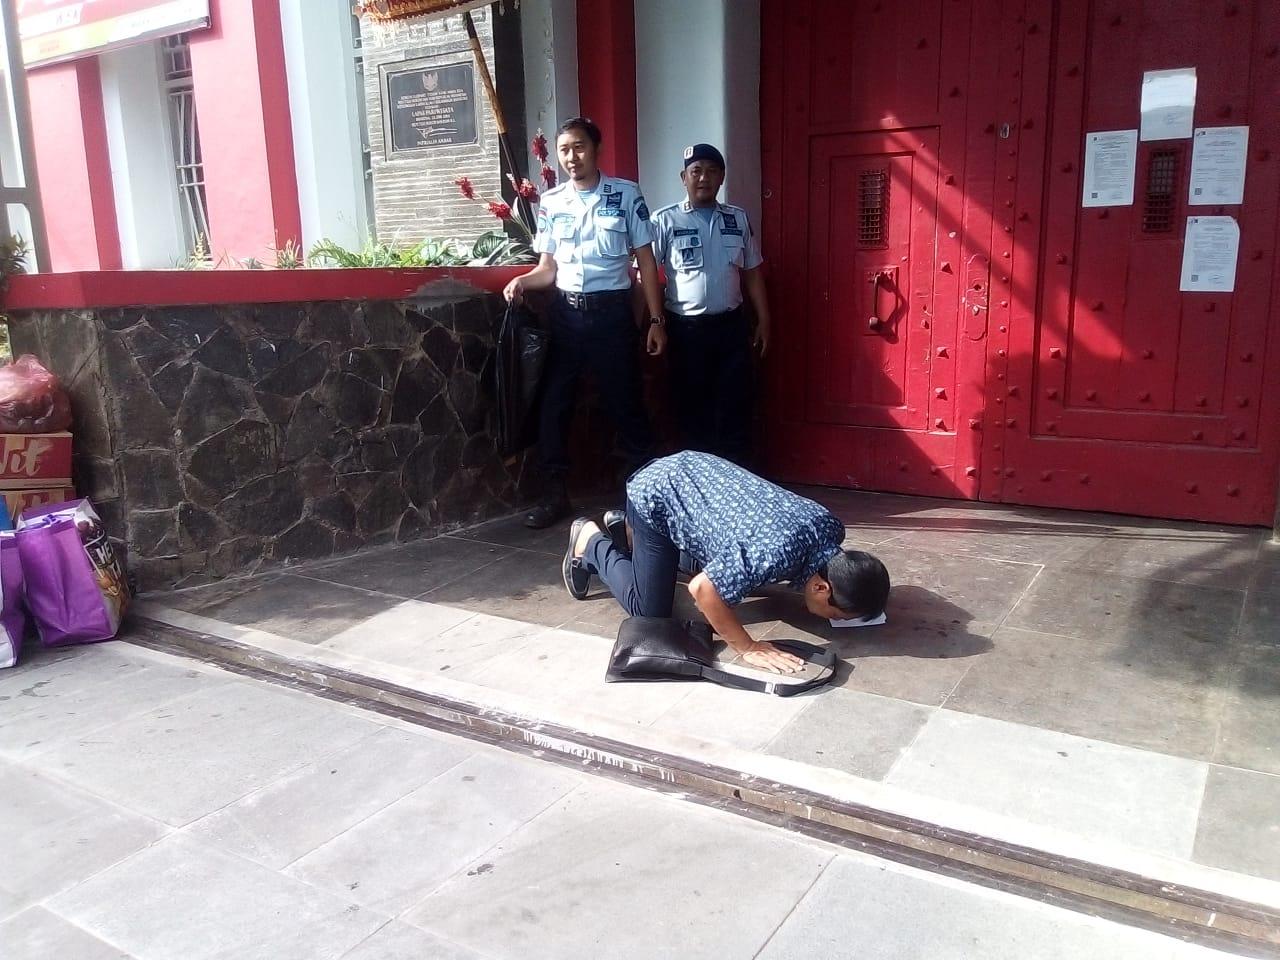 Mantan Bupati Bogor Rahmat Yasin sujud syukur hampir 5 menit di depan pintu Lapas Sukamiskin usai bebas (arif)